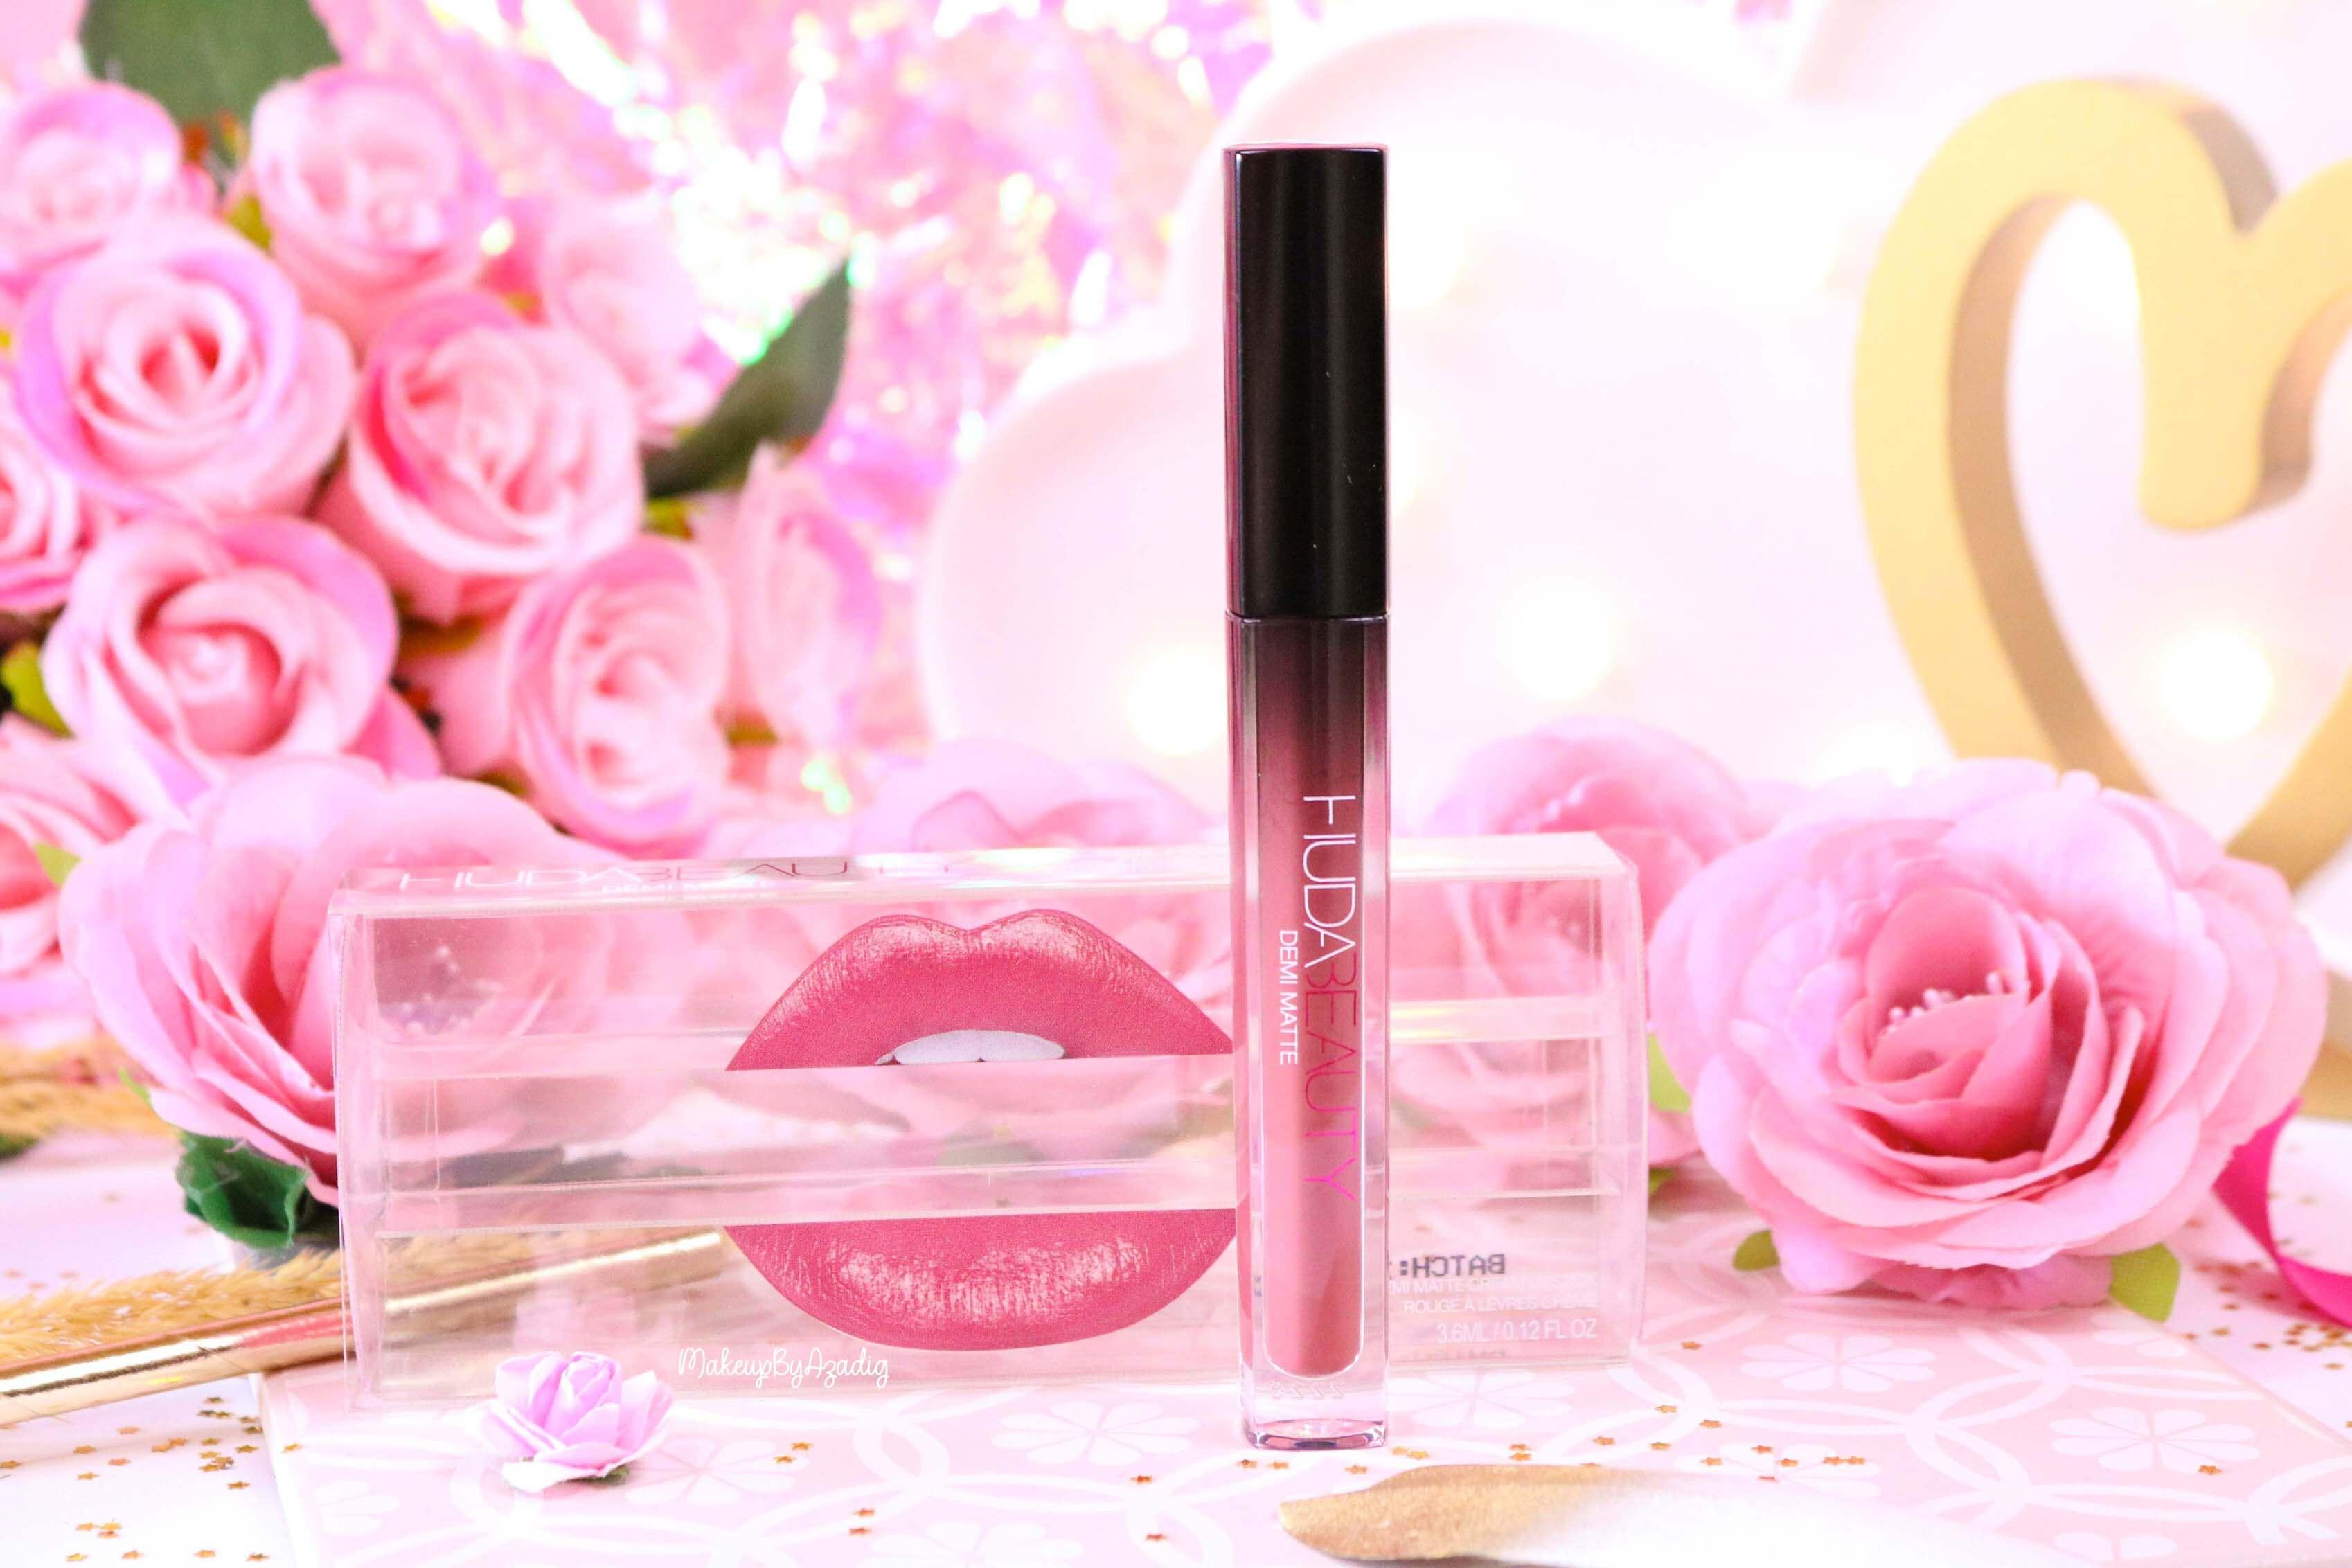 revue-marque-huda-beauty-rouge-a-levres-demi-matte-coffret-avis-prix-sheikha-makeupbyazadig-review-2